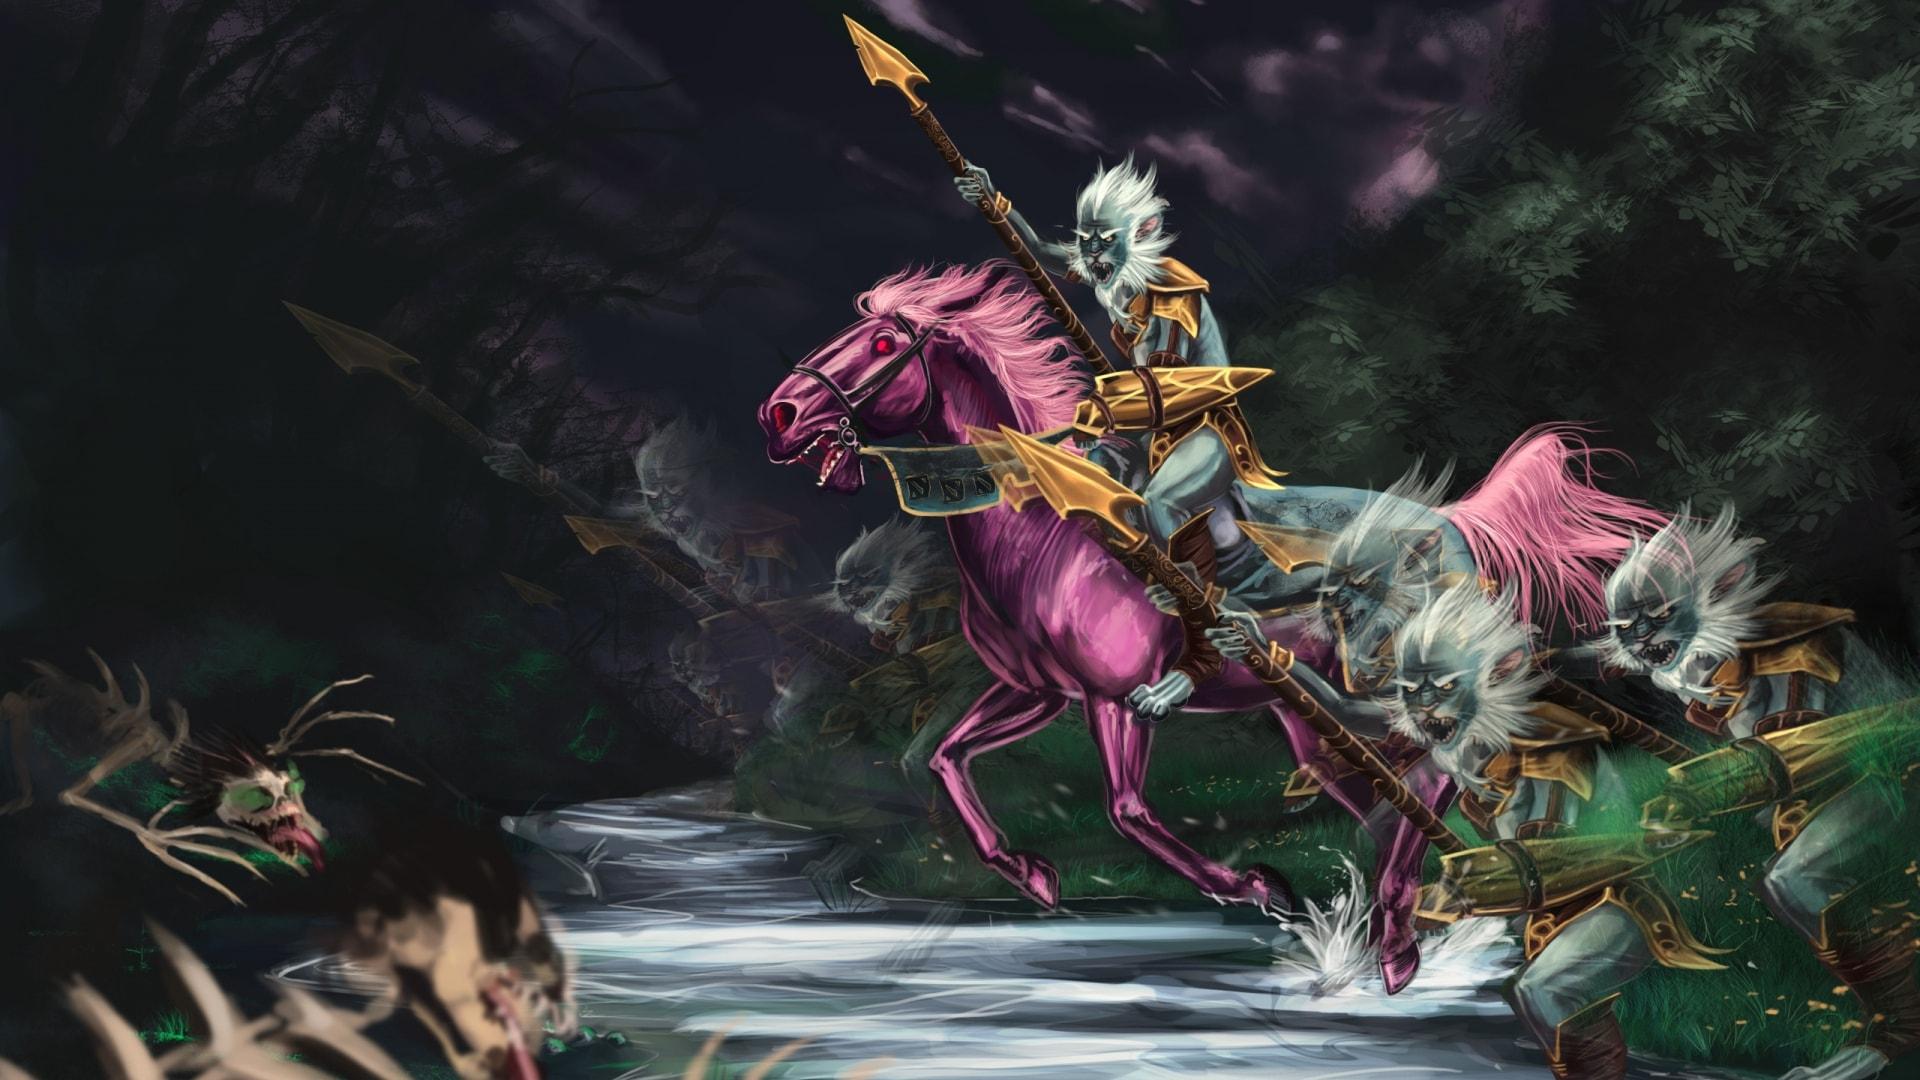 Dota2 : Phantom Lancer full hd wallpapers